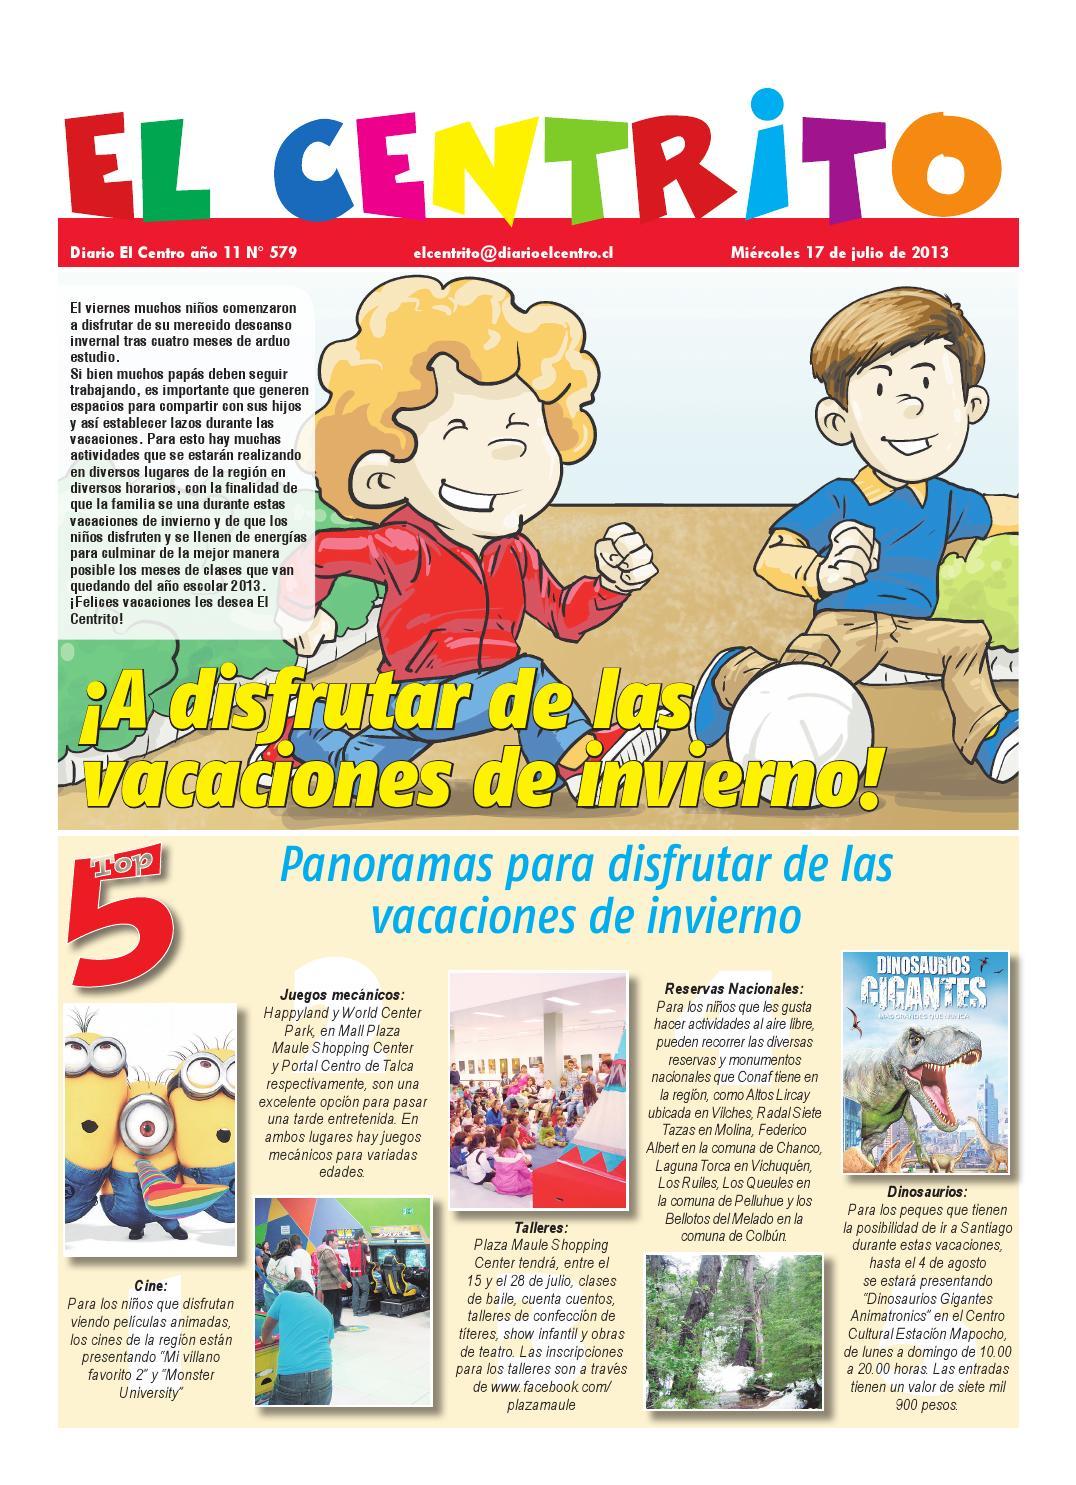 Centrito 17 07 2013 By Diario El Centro S A Issuu